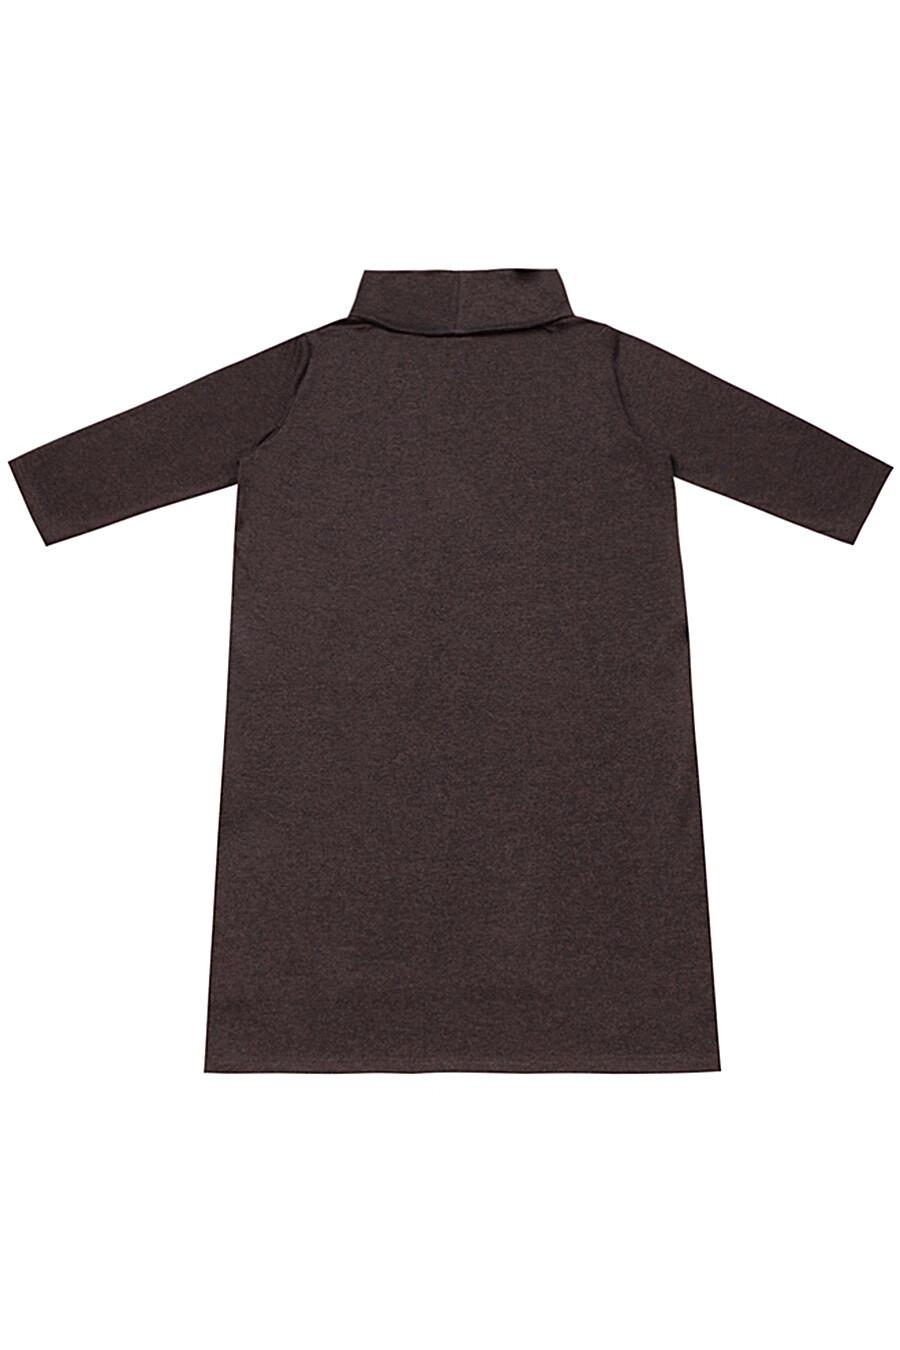 Джемпер для женщин Archi 131519 купить оптом от производителя. Совместная покупка женской одежды в OptMoyo